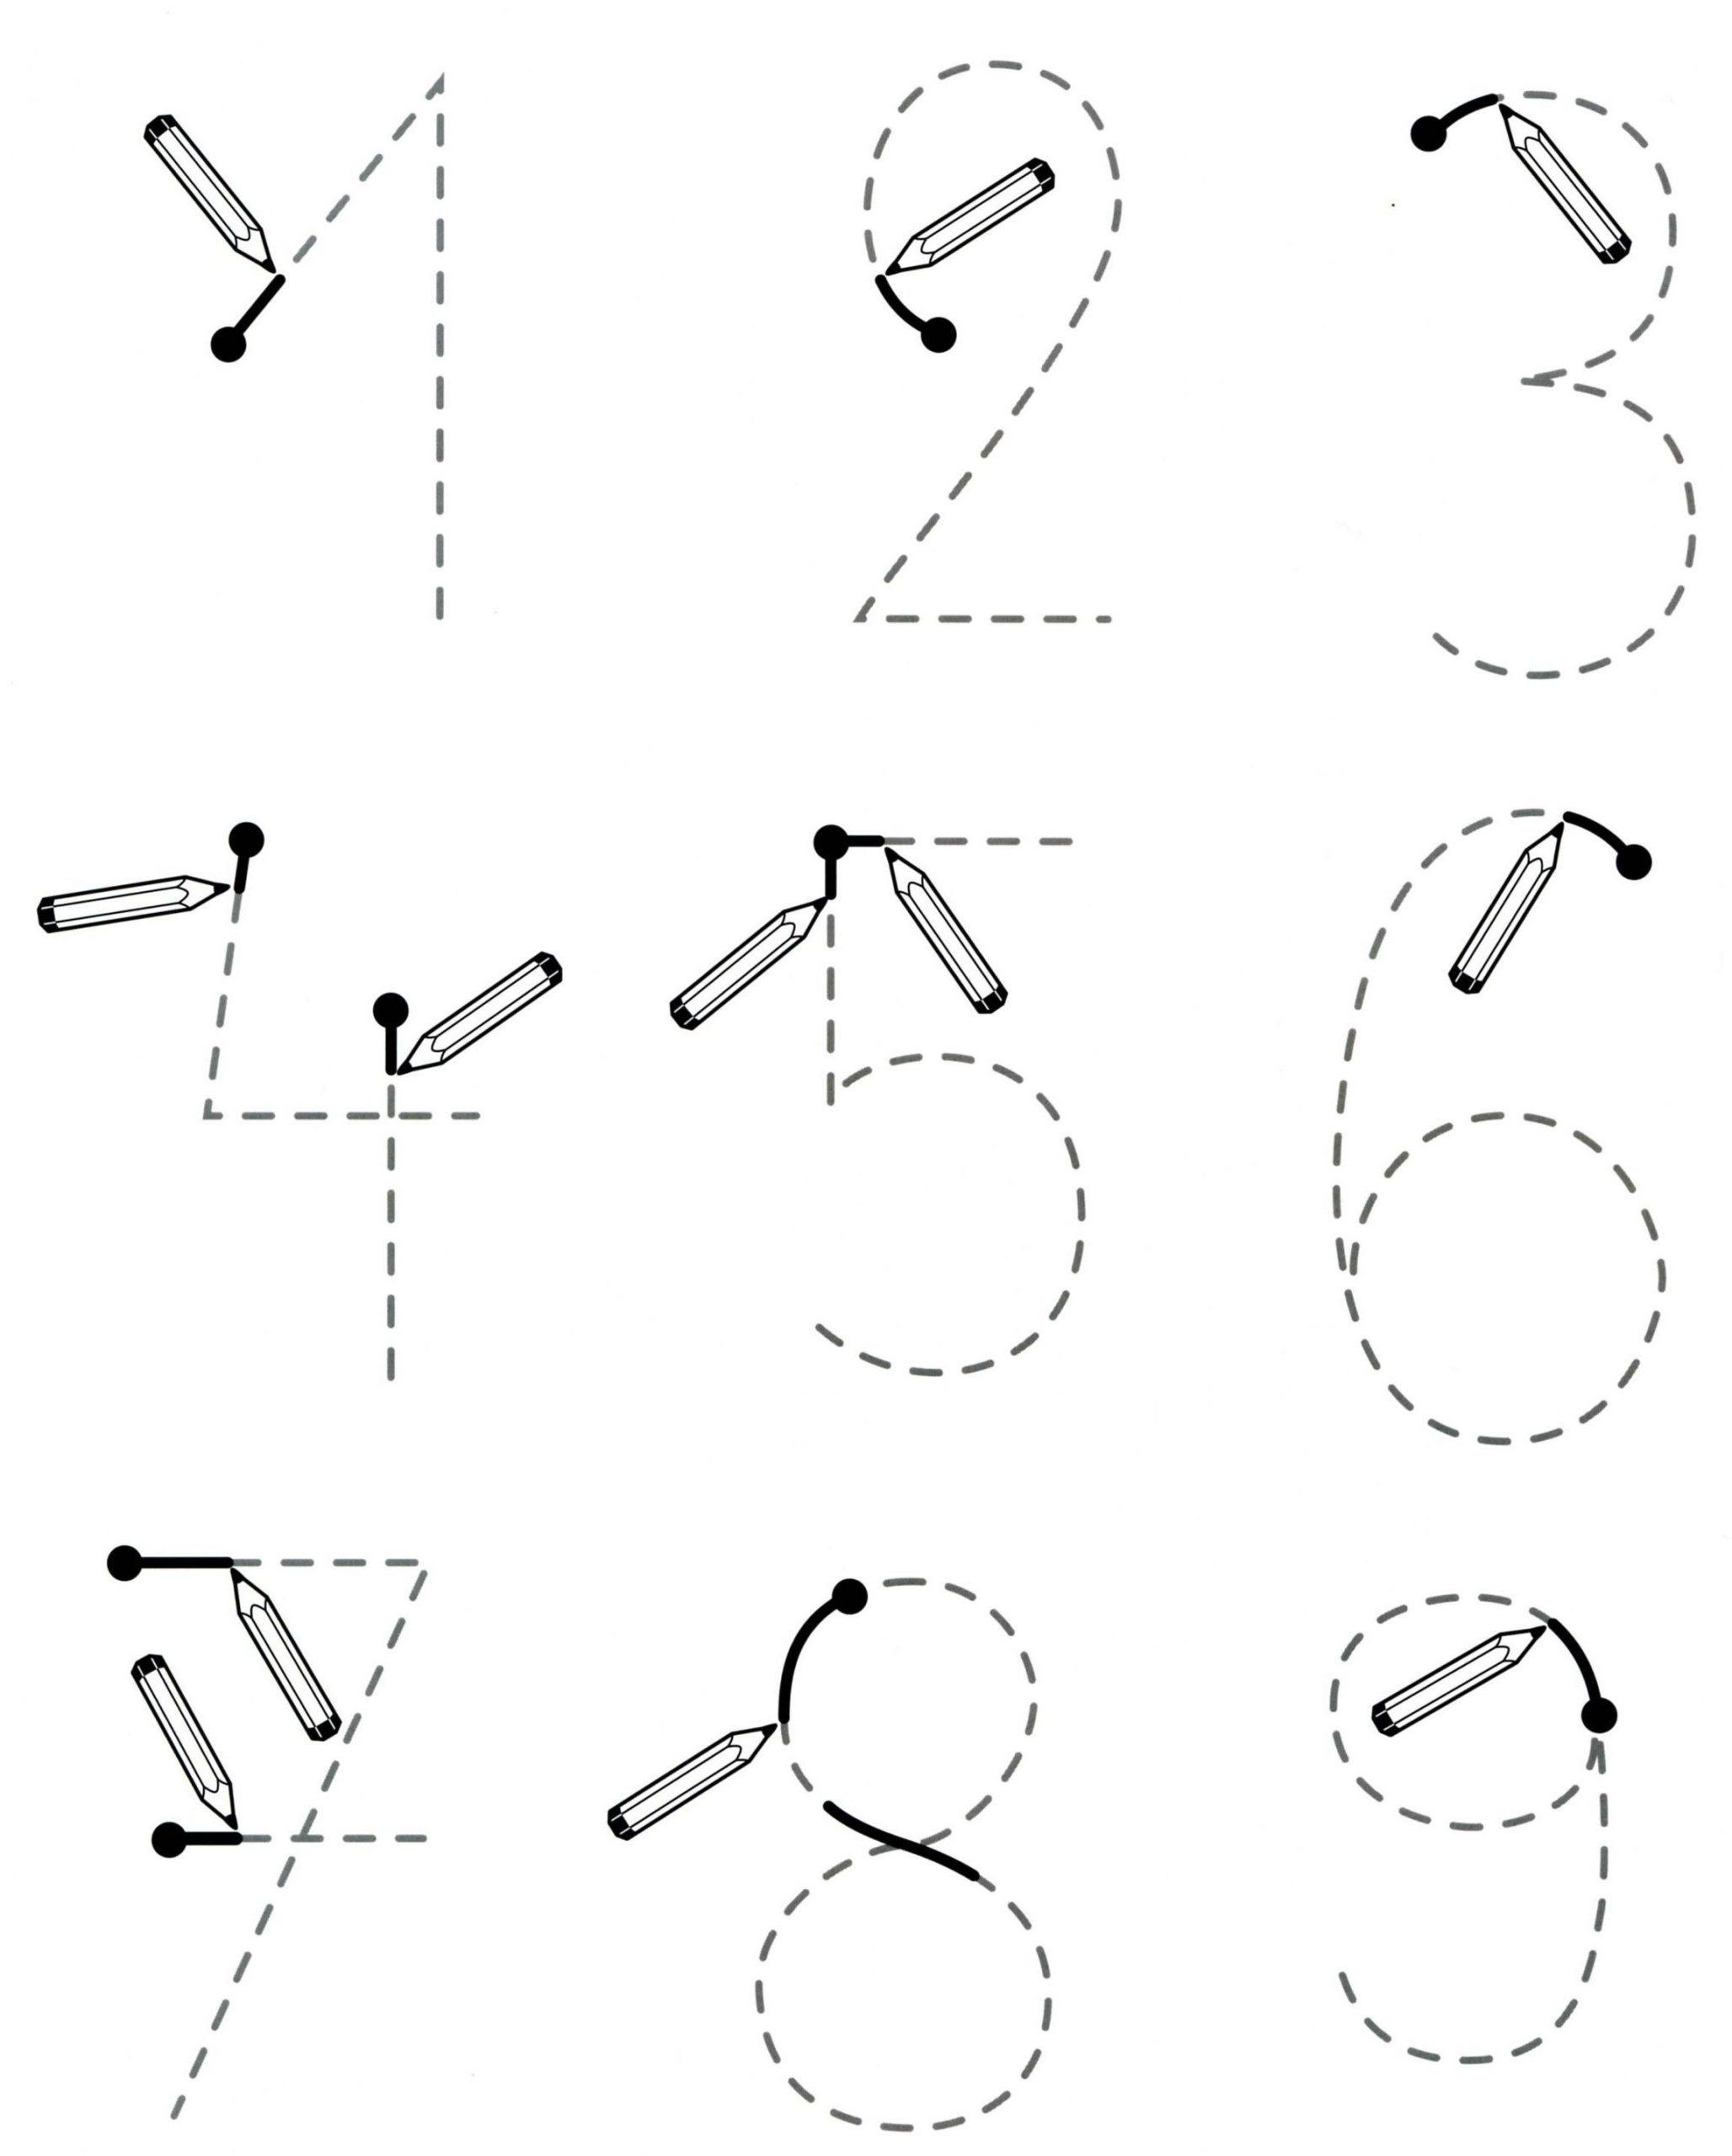 Graphisme Maternelle A Imprimer Gratuit Beau Graphisme encequiconcerne Exercice Maternelle Petite Section Gratuit En Ligne